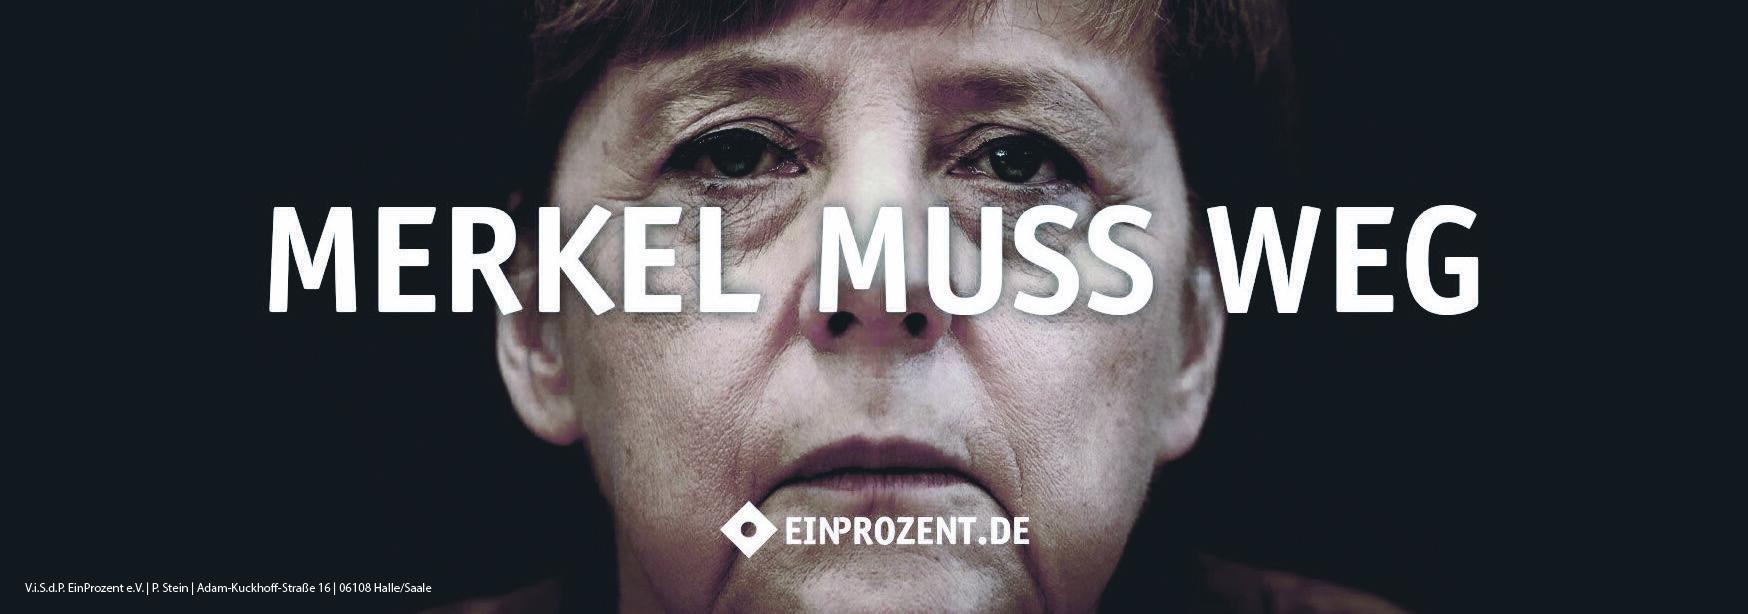 Merkel Muss Weg Ein Prozent Versand